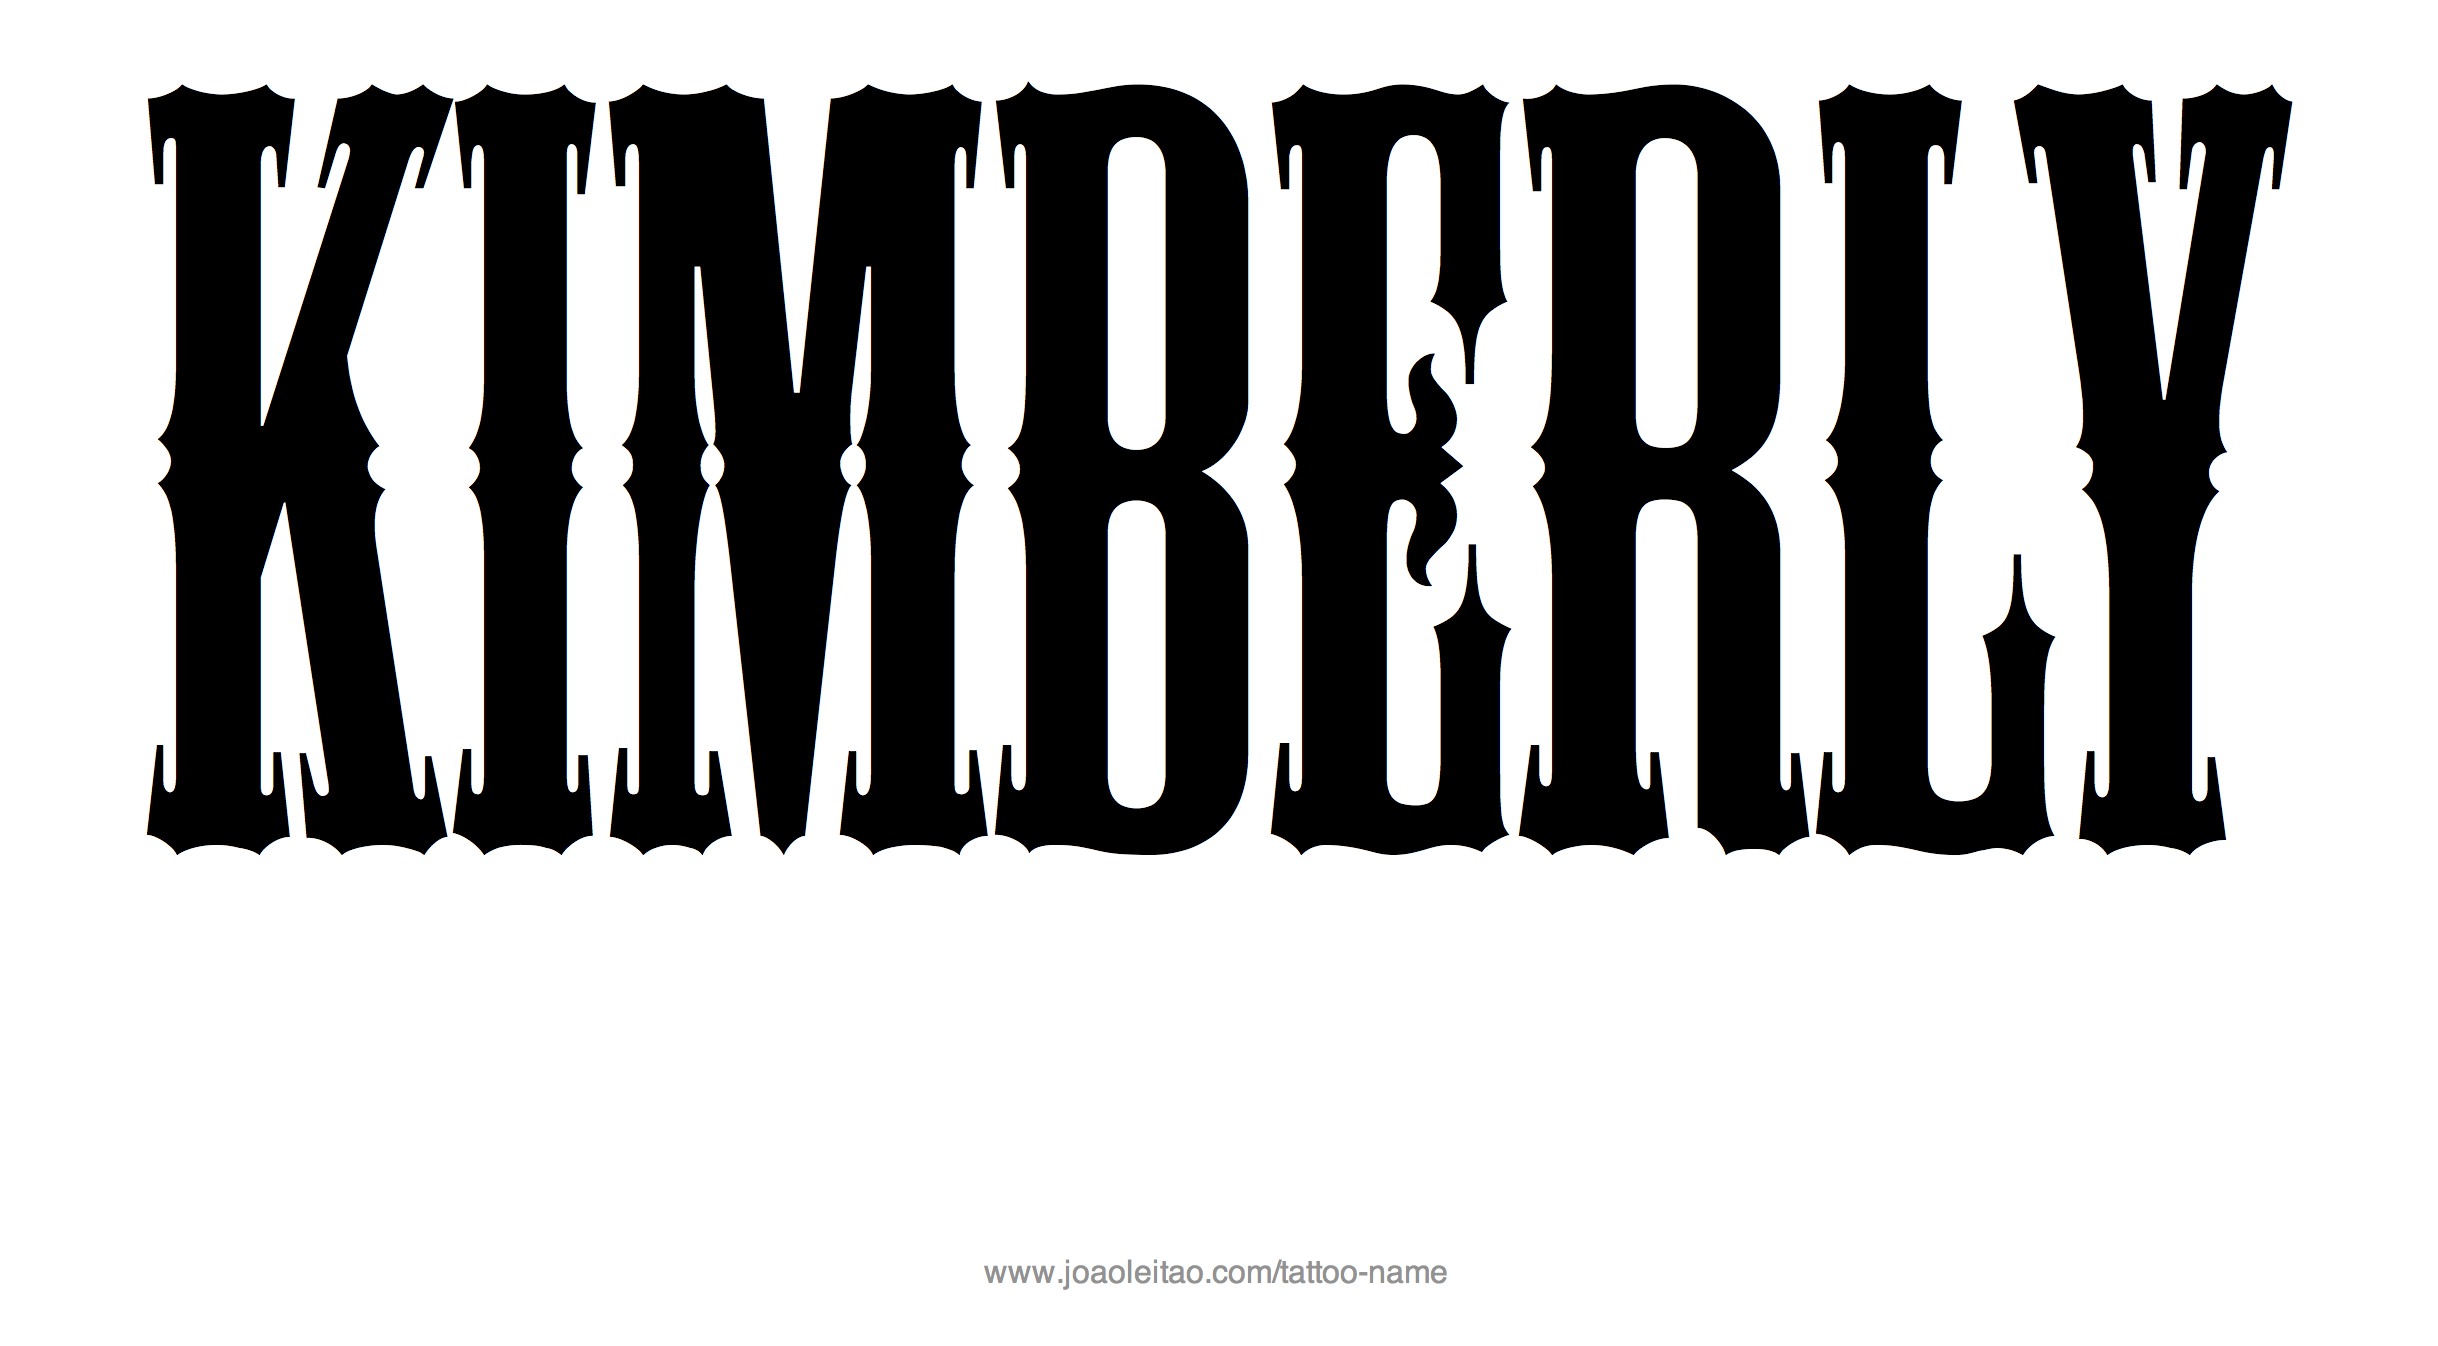 Kimberly Name Tattoo Designs Name Tattoo Designs Name Tattoo Name Tattoos